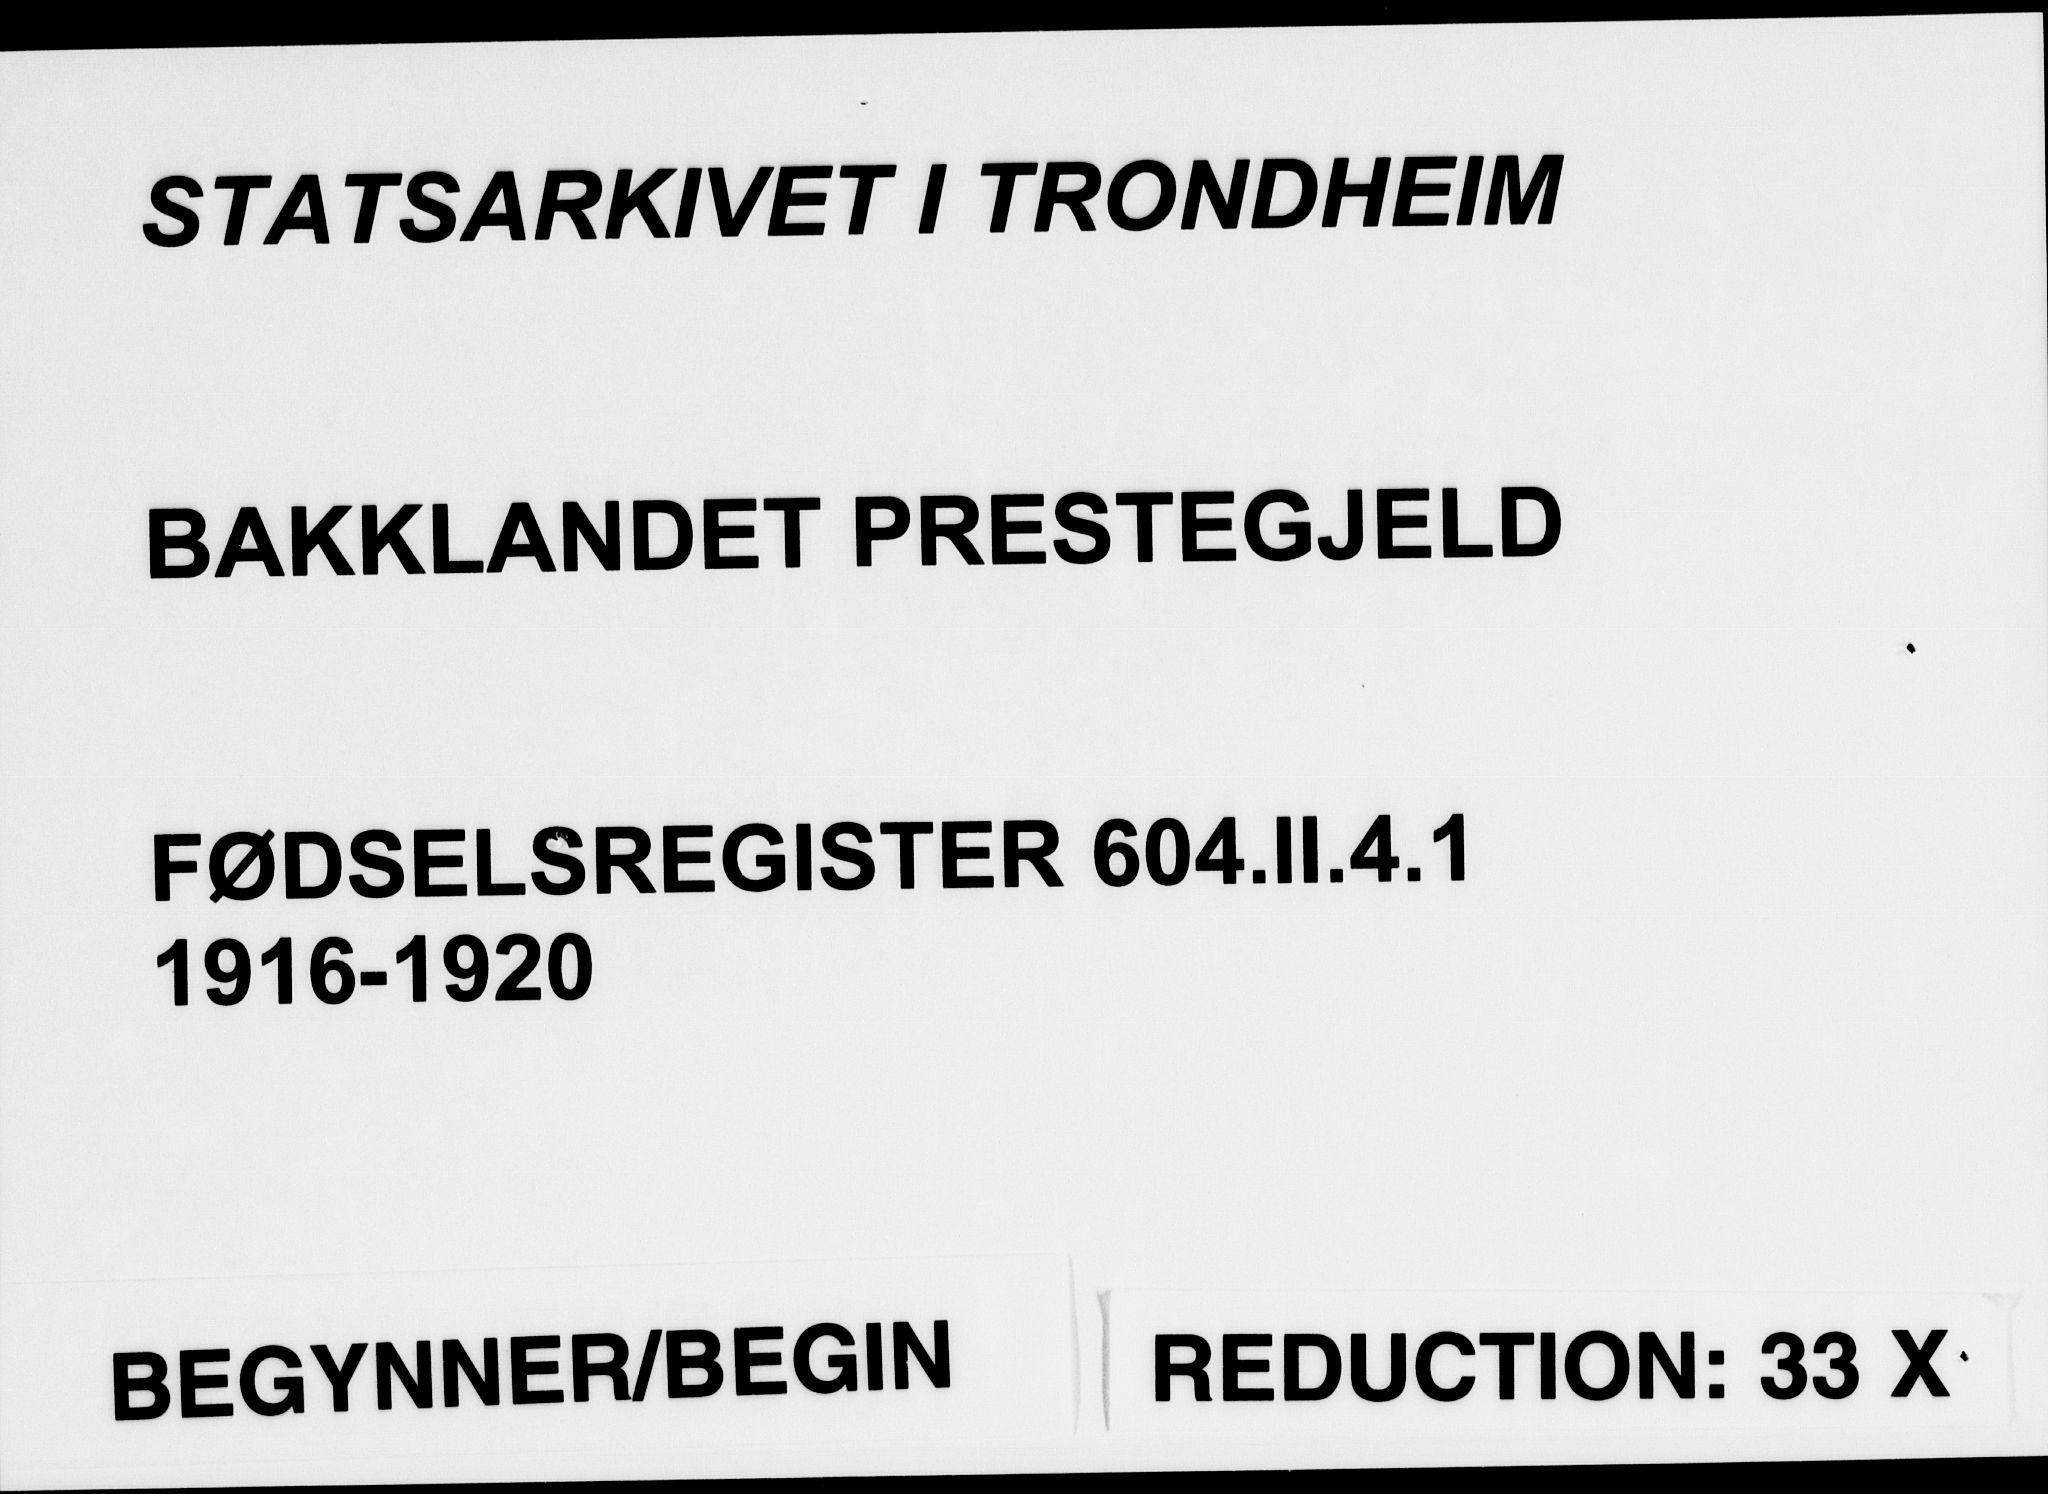 SAT, Ministerialprotokoller, klokkerbøker og fødselsregistre - Sør-Trøndelag, 604/L0232: Fødselsregister nr. 604.II.4.1, 1916-1920